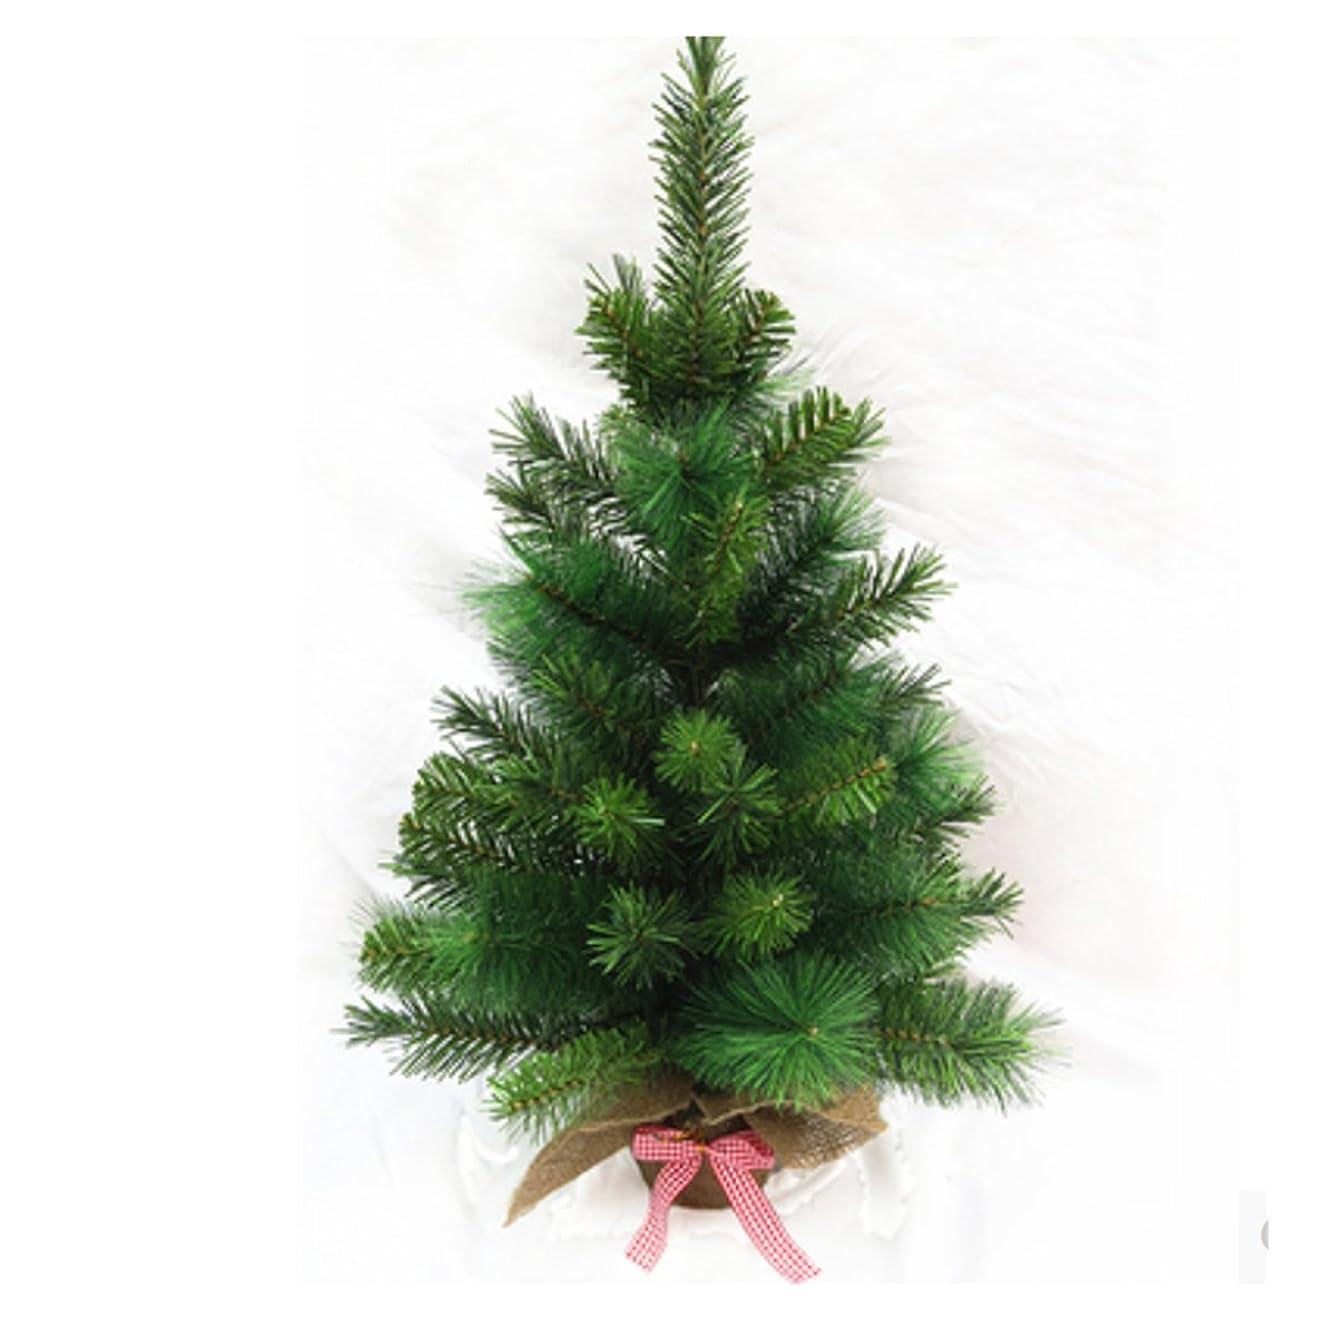 メール政治しおれたEVERY クリスマスデザイン小物 デスクトップ小さなクリスマスツリー40センチメートル ミニクリスマスツリー  クリスマスプレゼント